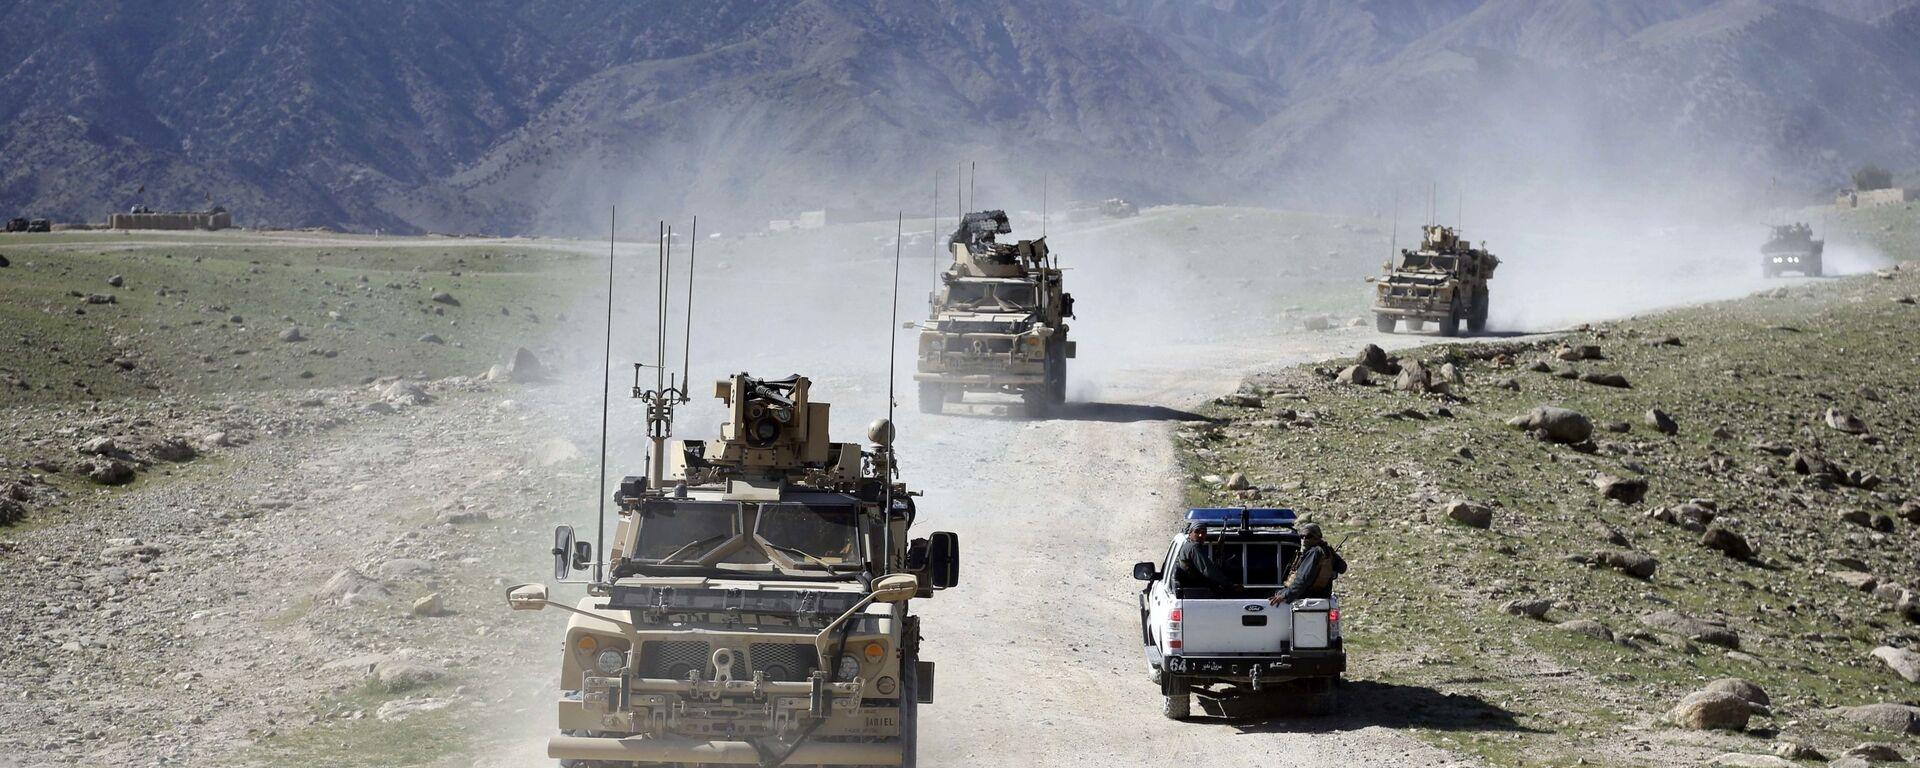 Convoglio di militari afghani e americani nella provincia di Nangarhar, in Afghanistan - Sputnik Italia, 1920, 15.04.2021